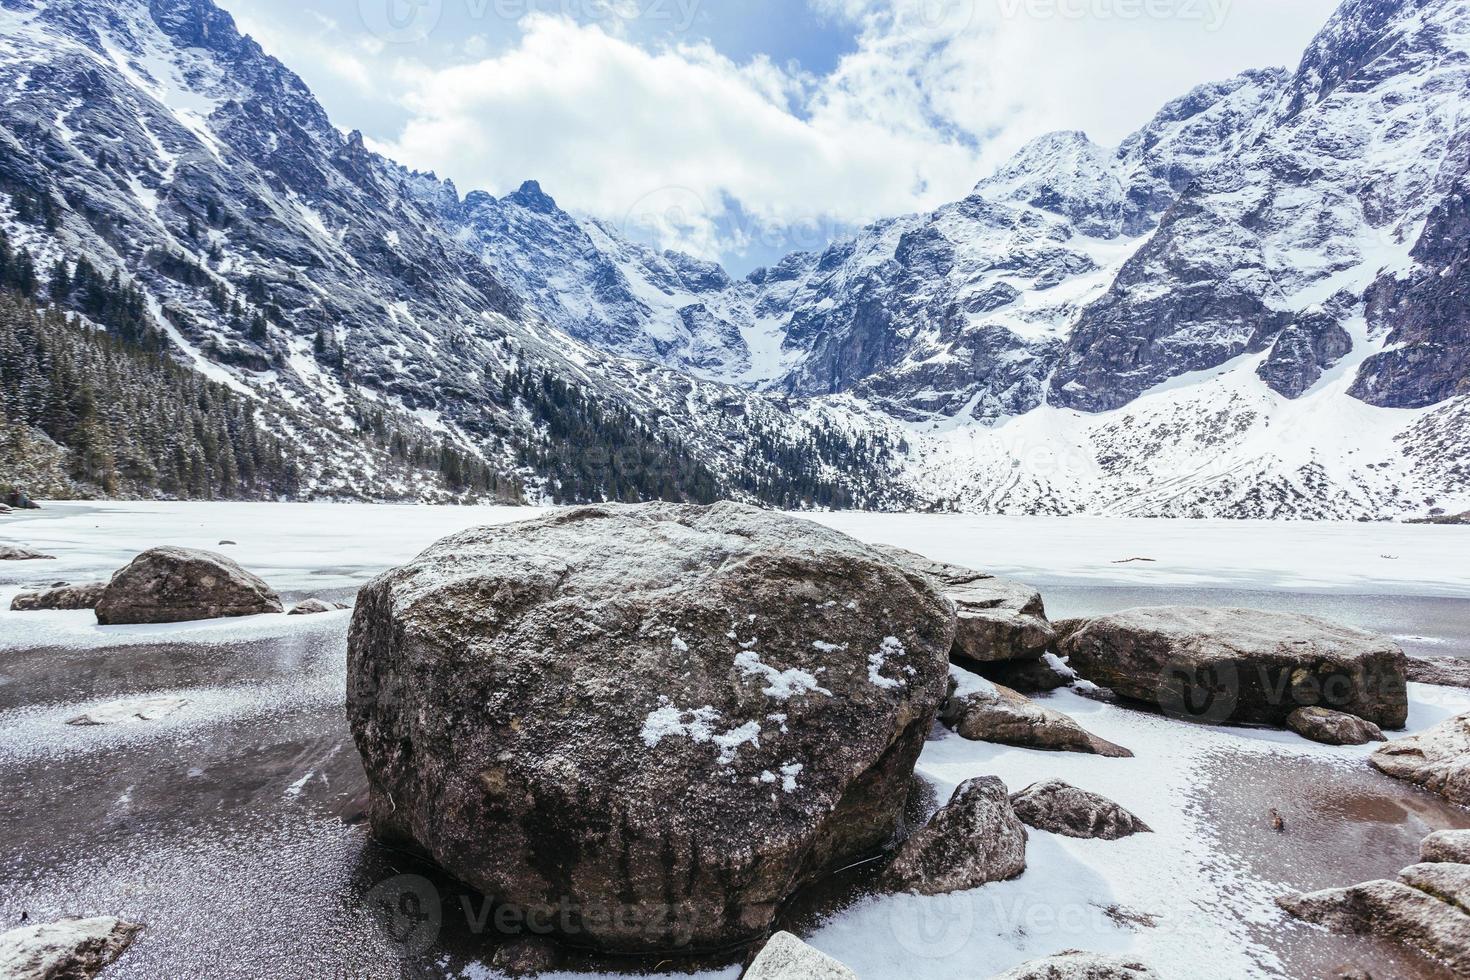 rocce vicino a un lago con montagne in inverno foto